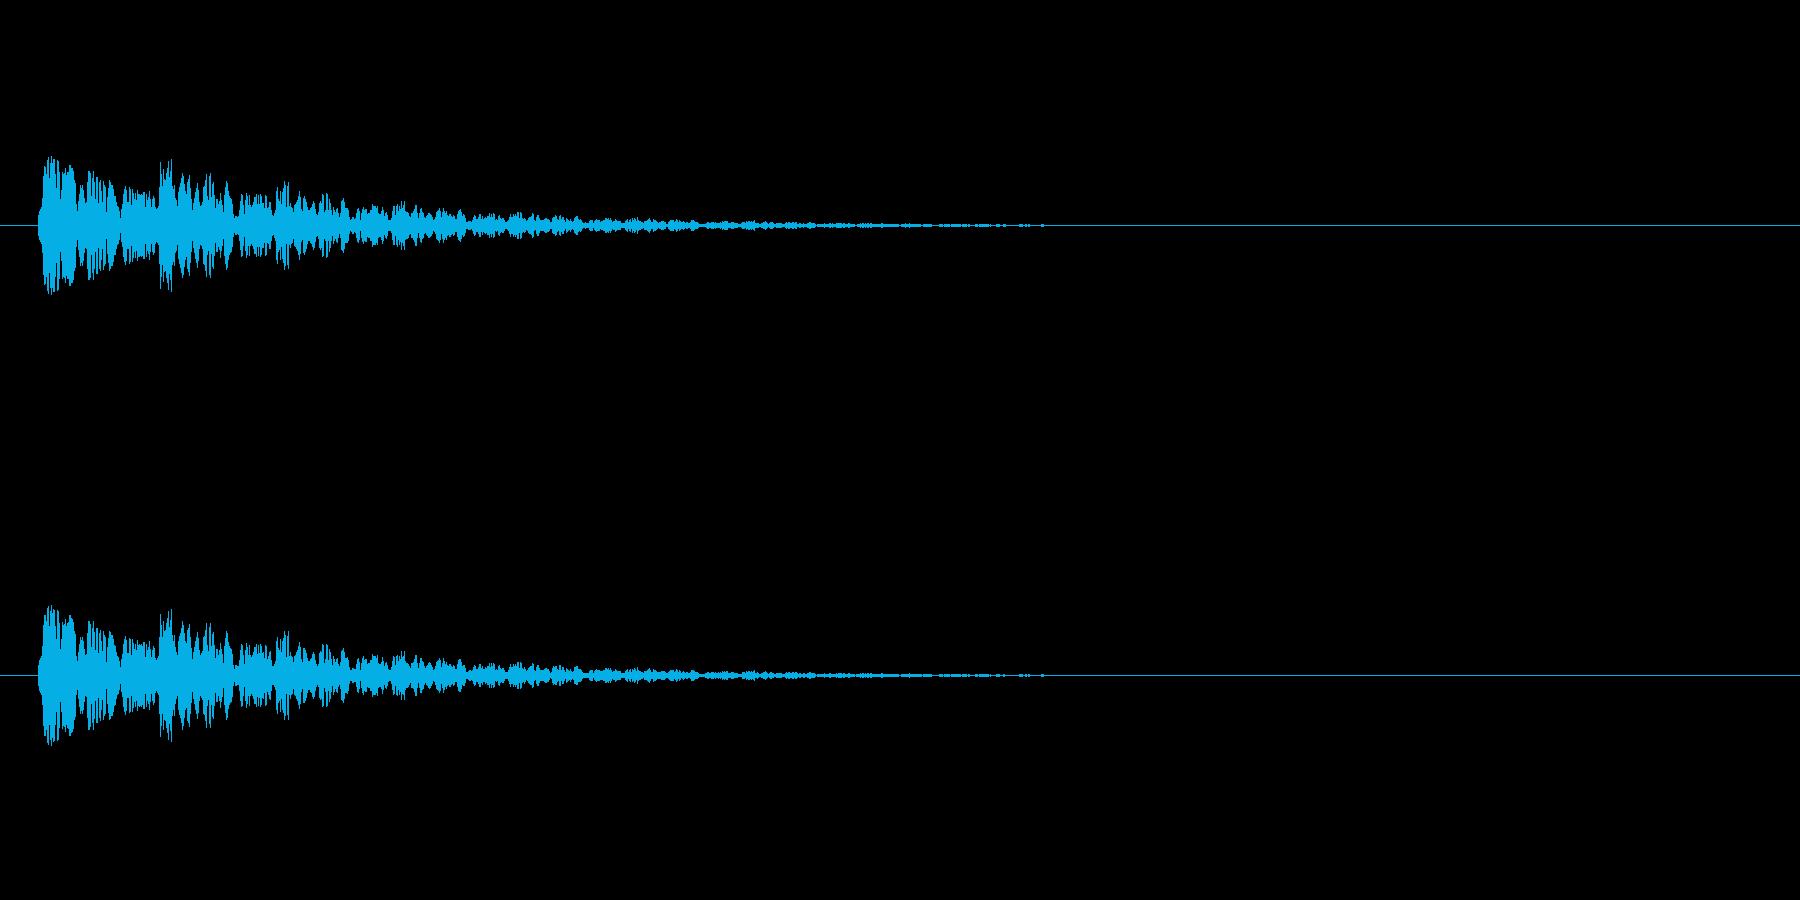 【ネガティブ07-8】の再生済みの波形